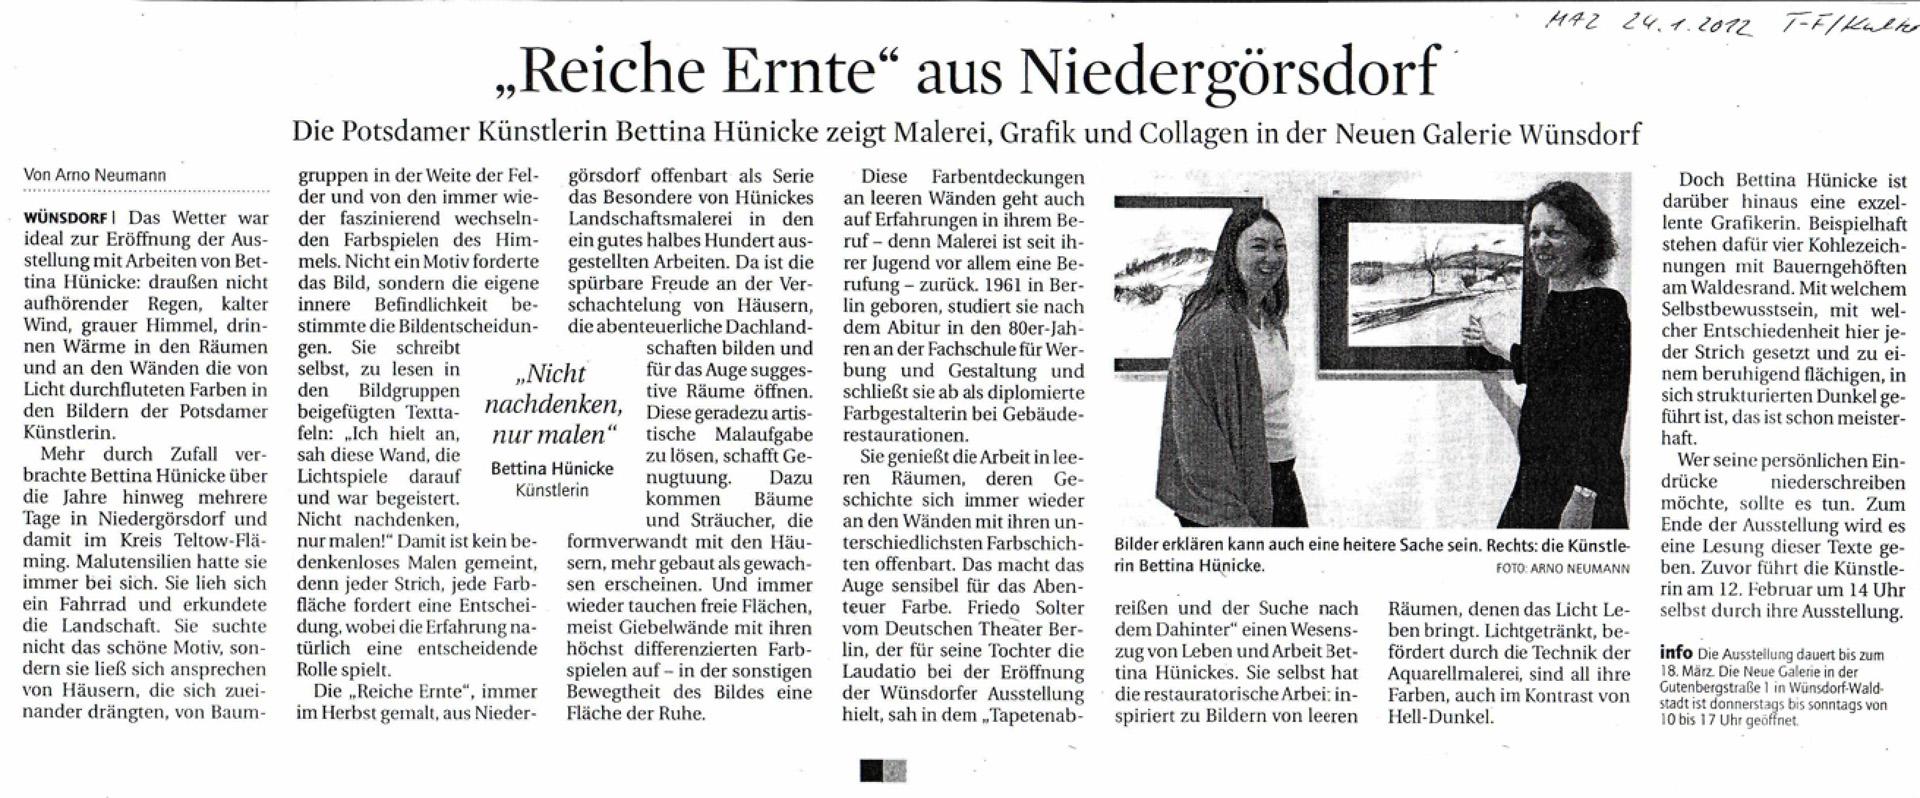 """Januar 2012: """"Reiche Ernte"""" aus Niedergörsdorf MAZ, Teltow-Fläming Kultur 24.01.2012, Rezension von Arno Neumann"""